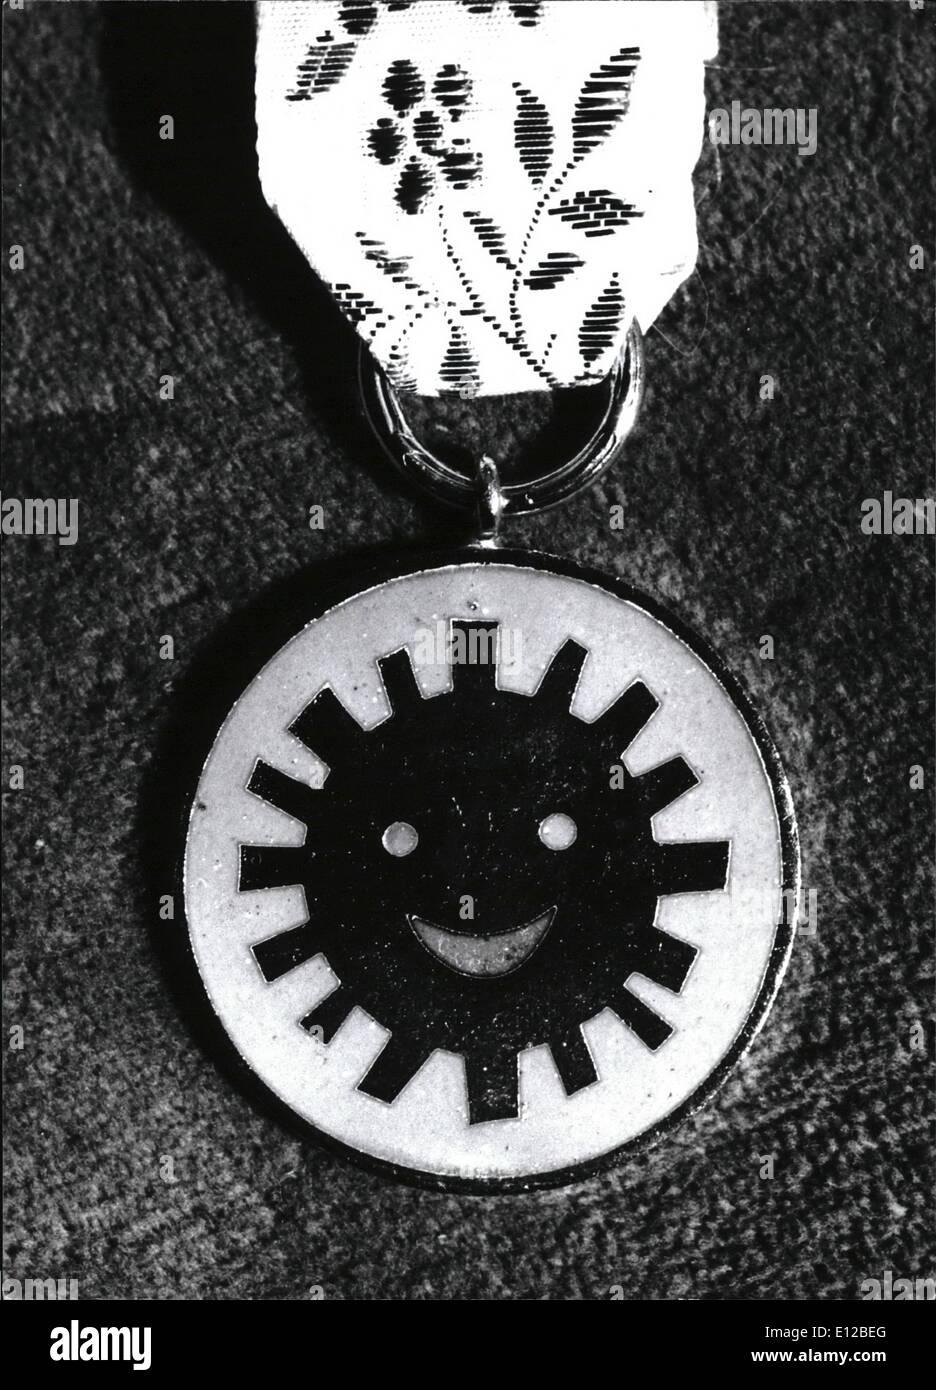 Diciembre 09, 2011 - La historia de la medalla comenzará en 1968. polaco medalla de la sonrisa es el único en el mundo propuesta y otorgado por los niños. Imagen De Stock